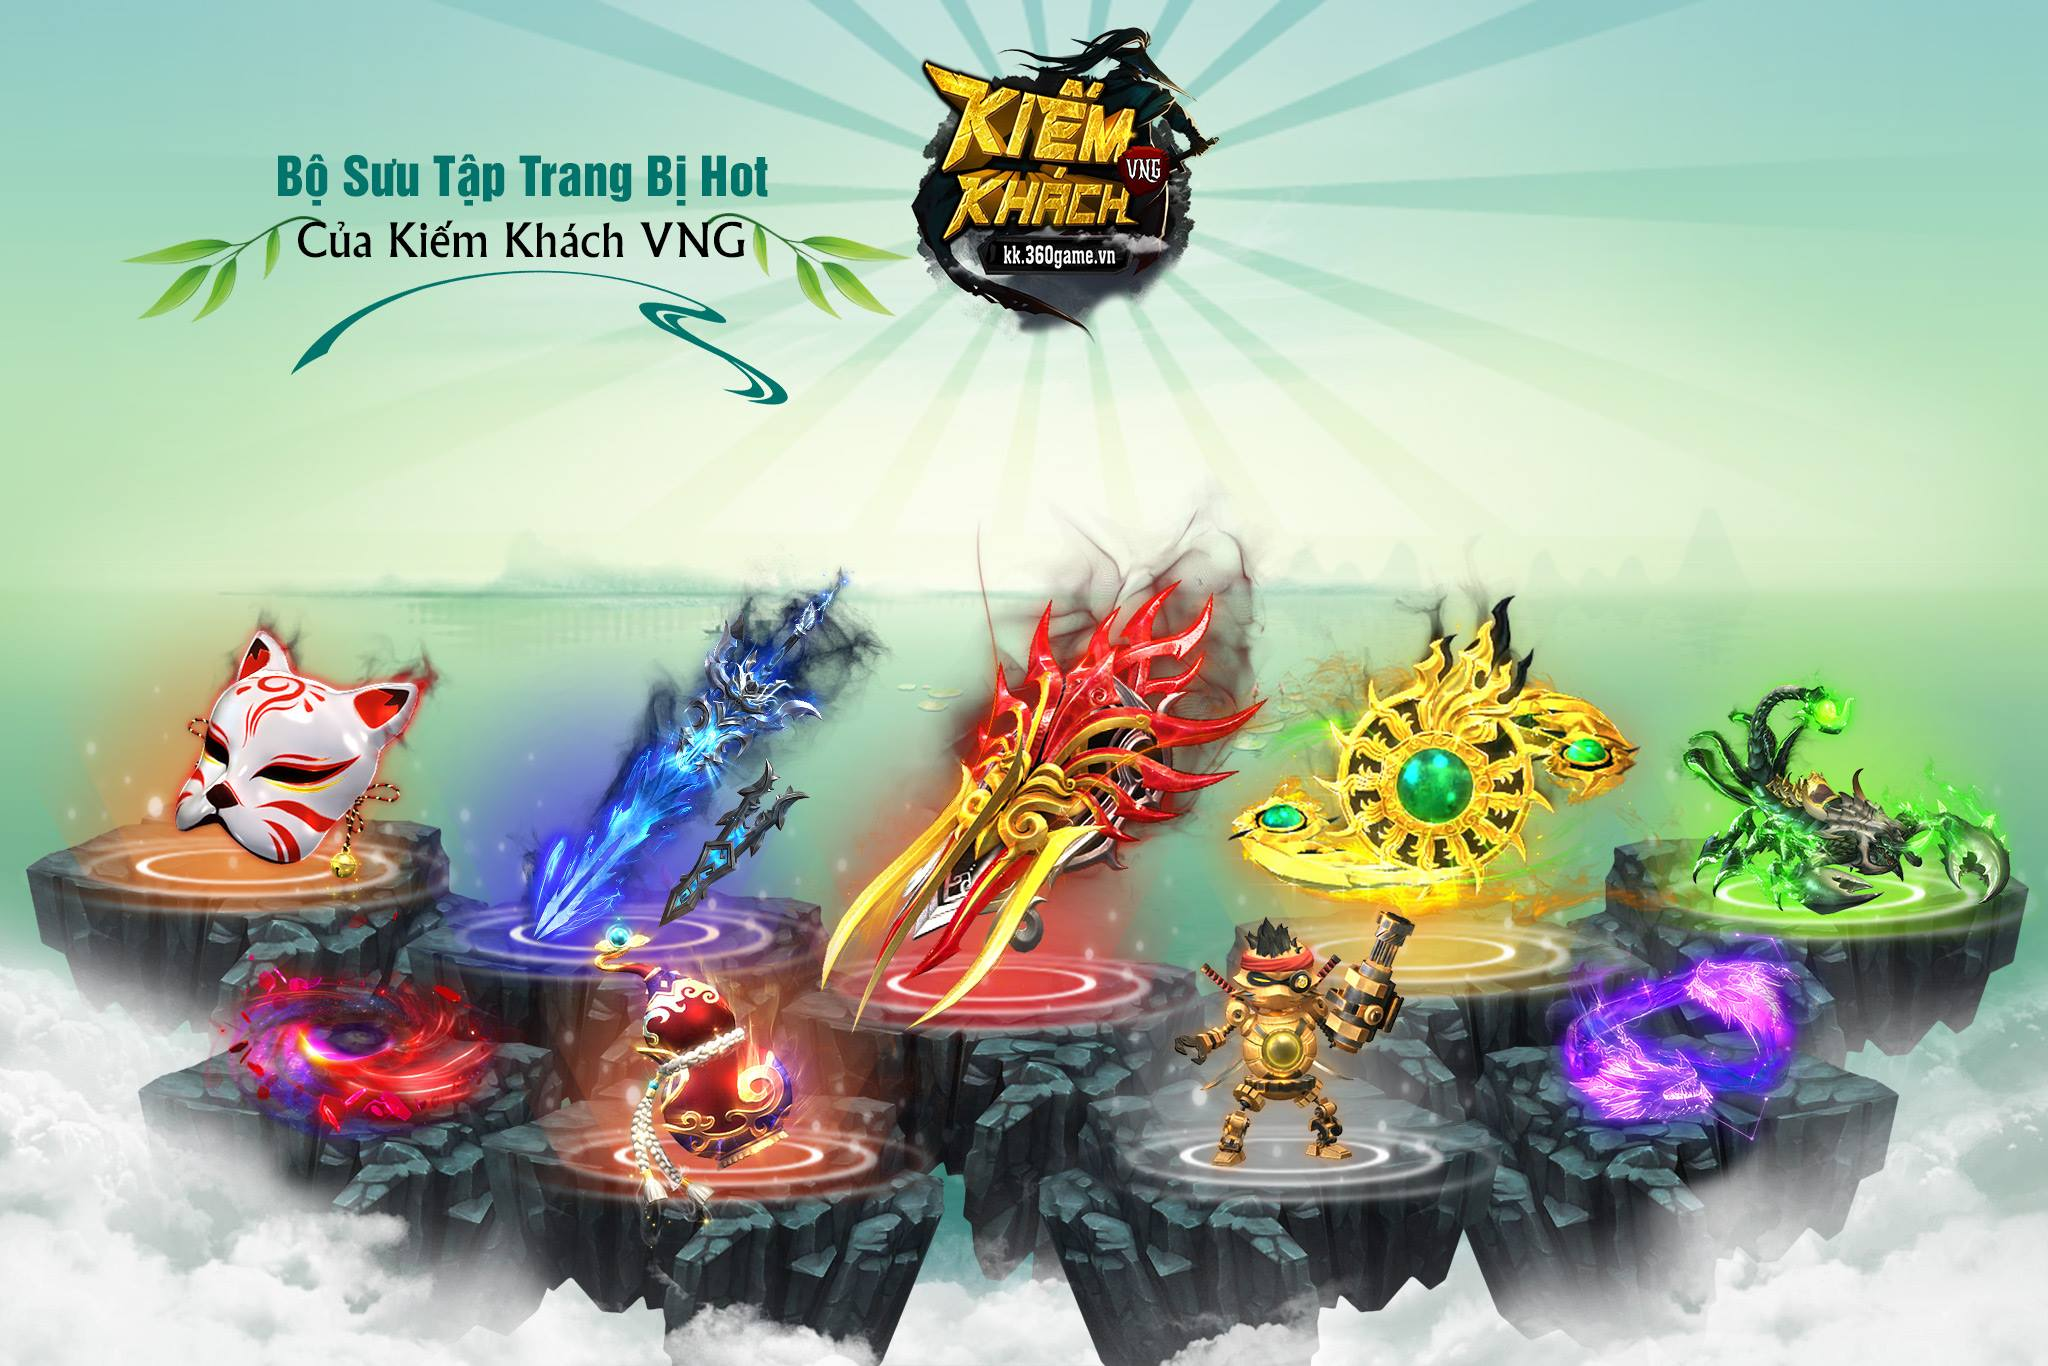 Webgame Kiếm Khách VNG mở Alpha Test 10h00 ngày 08/04/2018 - ảnh 3